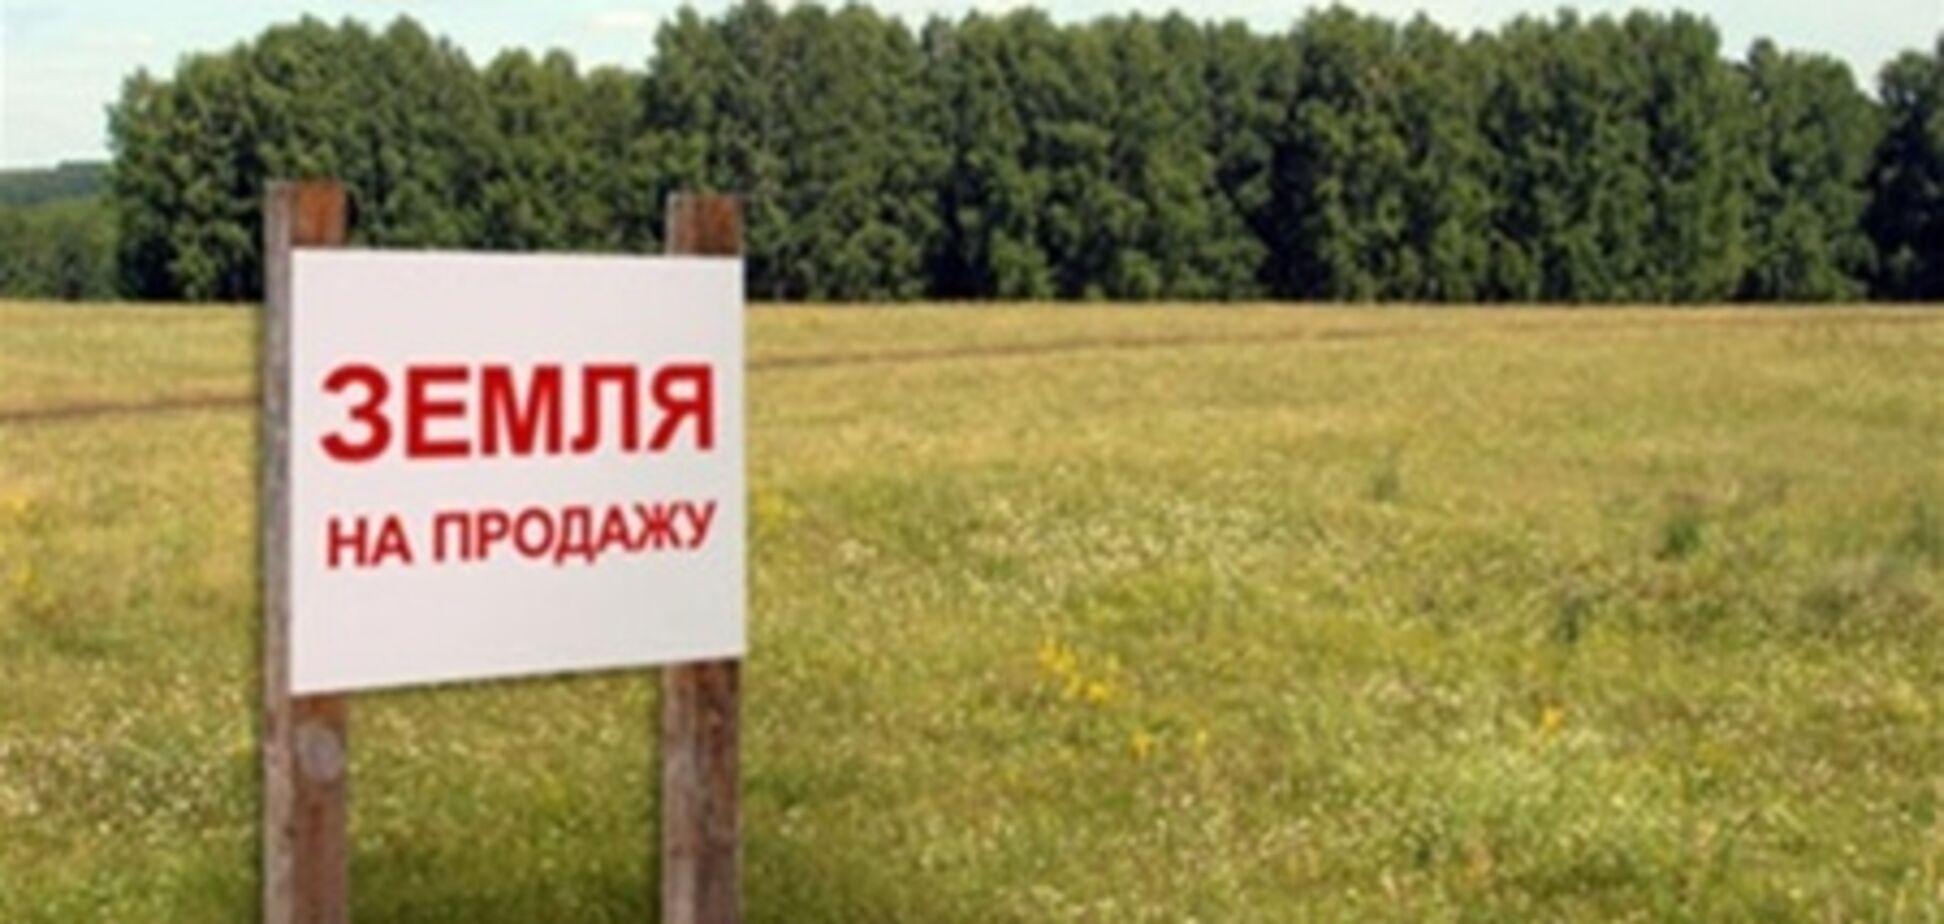 Гектар украинской земли оценили в 6 тыс. долларов